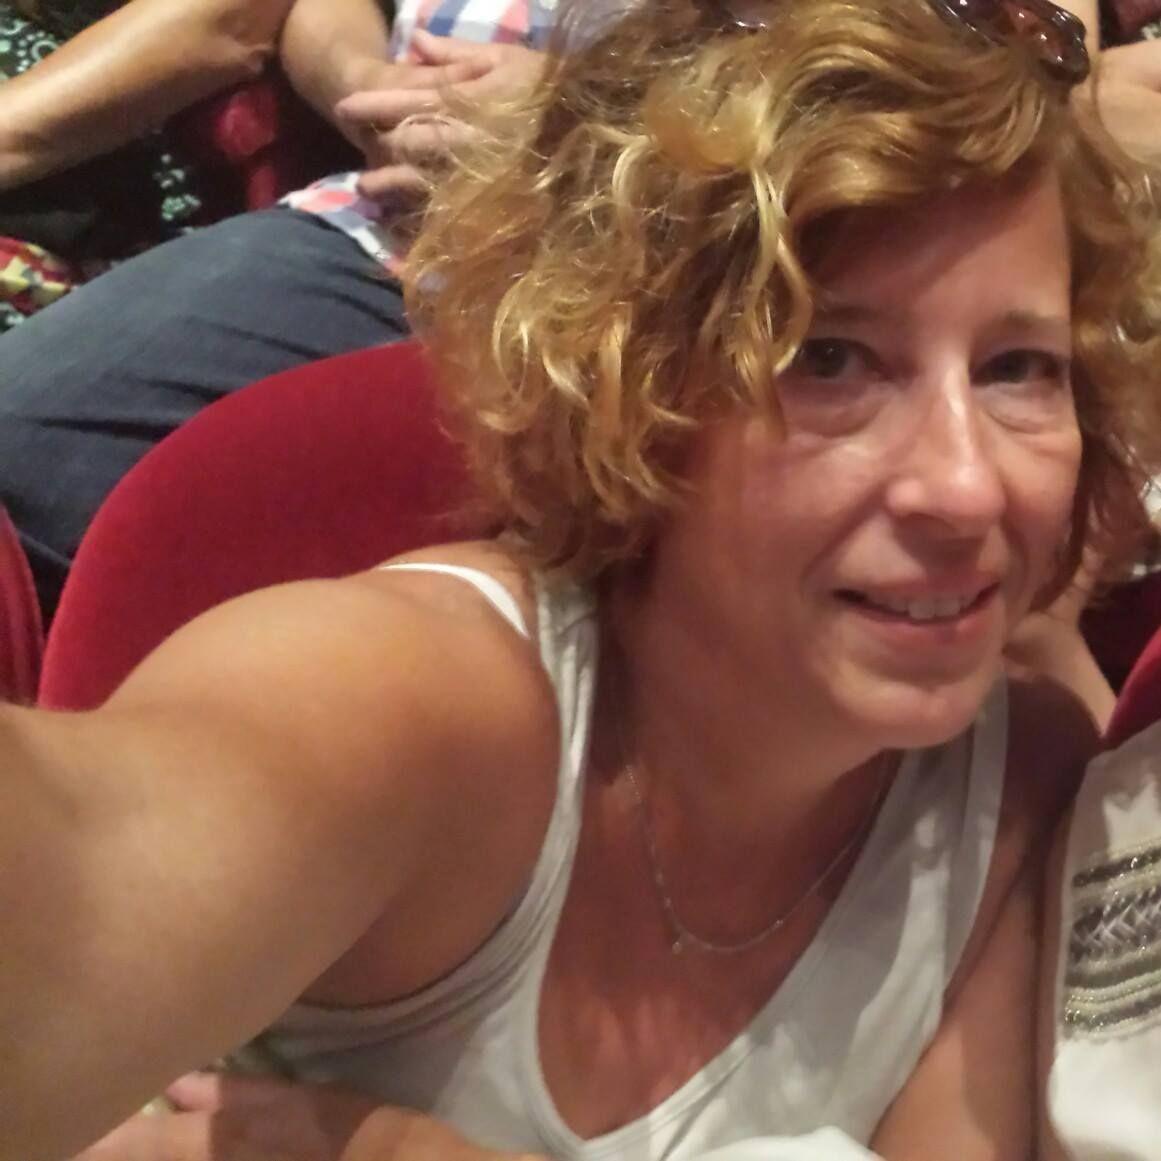 55 jarige vrouw uit Magnée Luik zoekt man voor Spannend contact, Cybersex, Fantasie delen